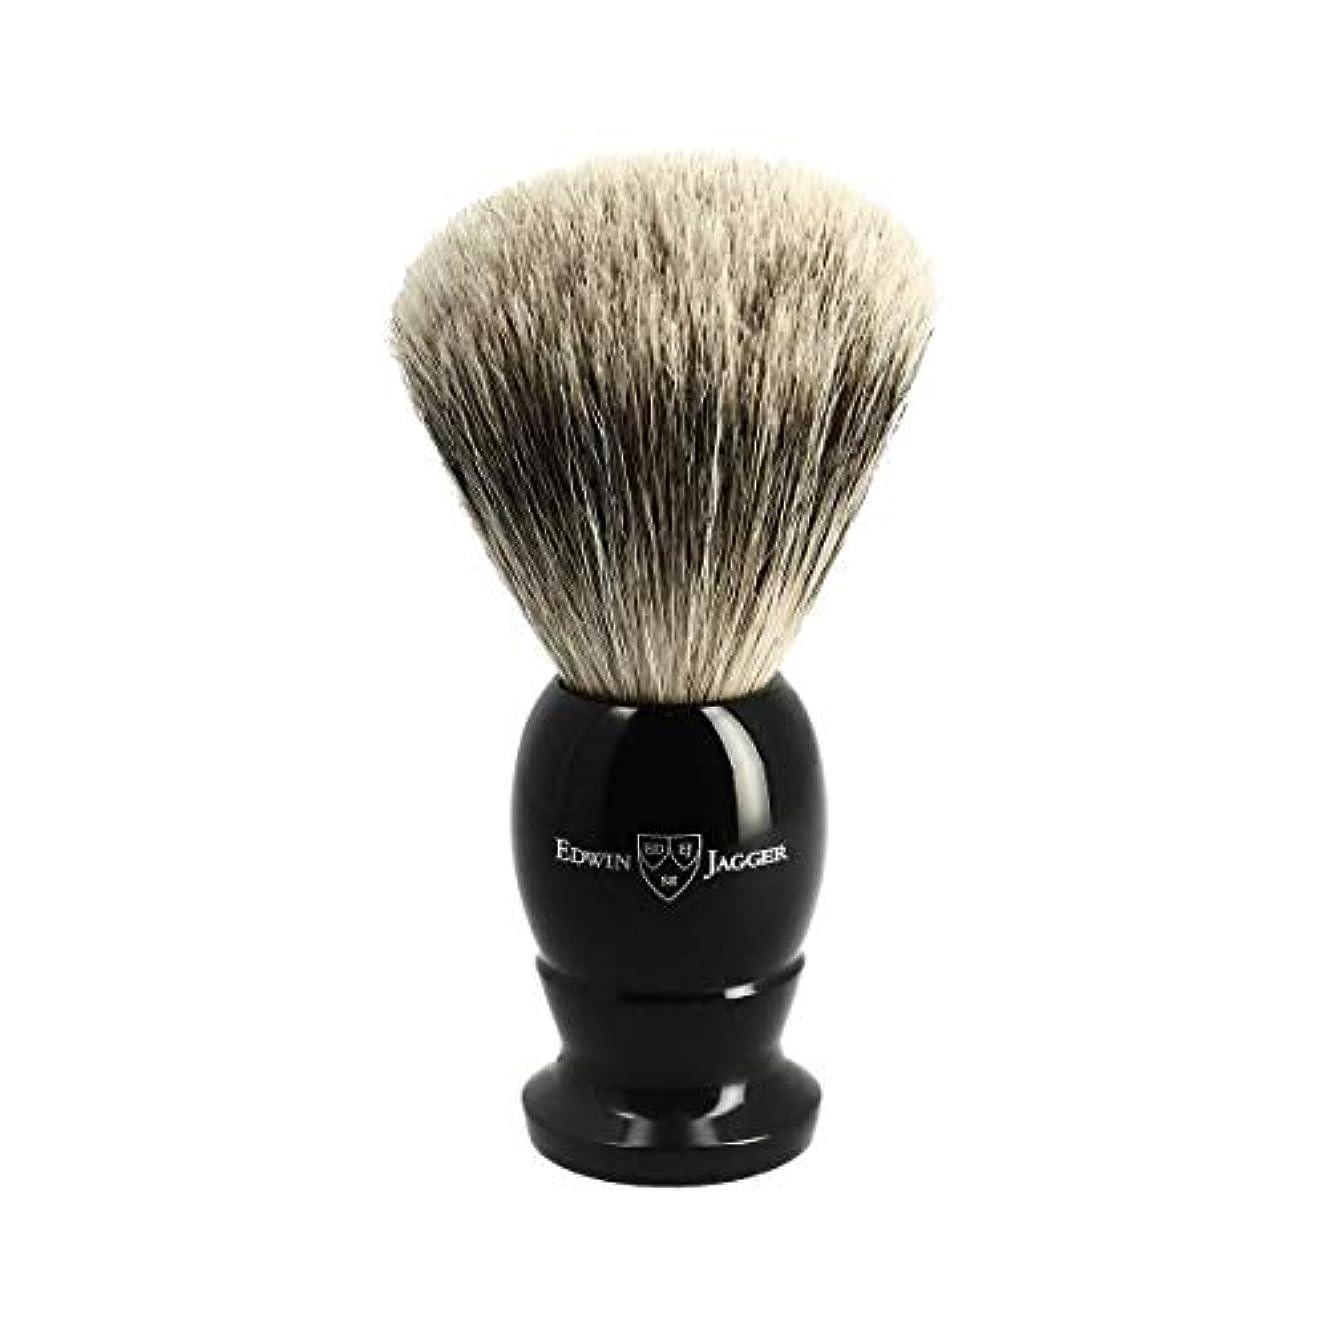 抑圧者食堂変更可能エドウィンジャガー ベストバッジャーアナグマ毛 エボニーシェービングブラシ大3EJ876[海外直送品]Edwin Jagger Best Badger Ebony Shaving Brush Large 3EJ876 [...